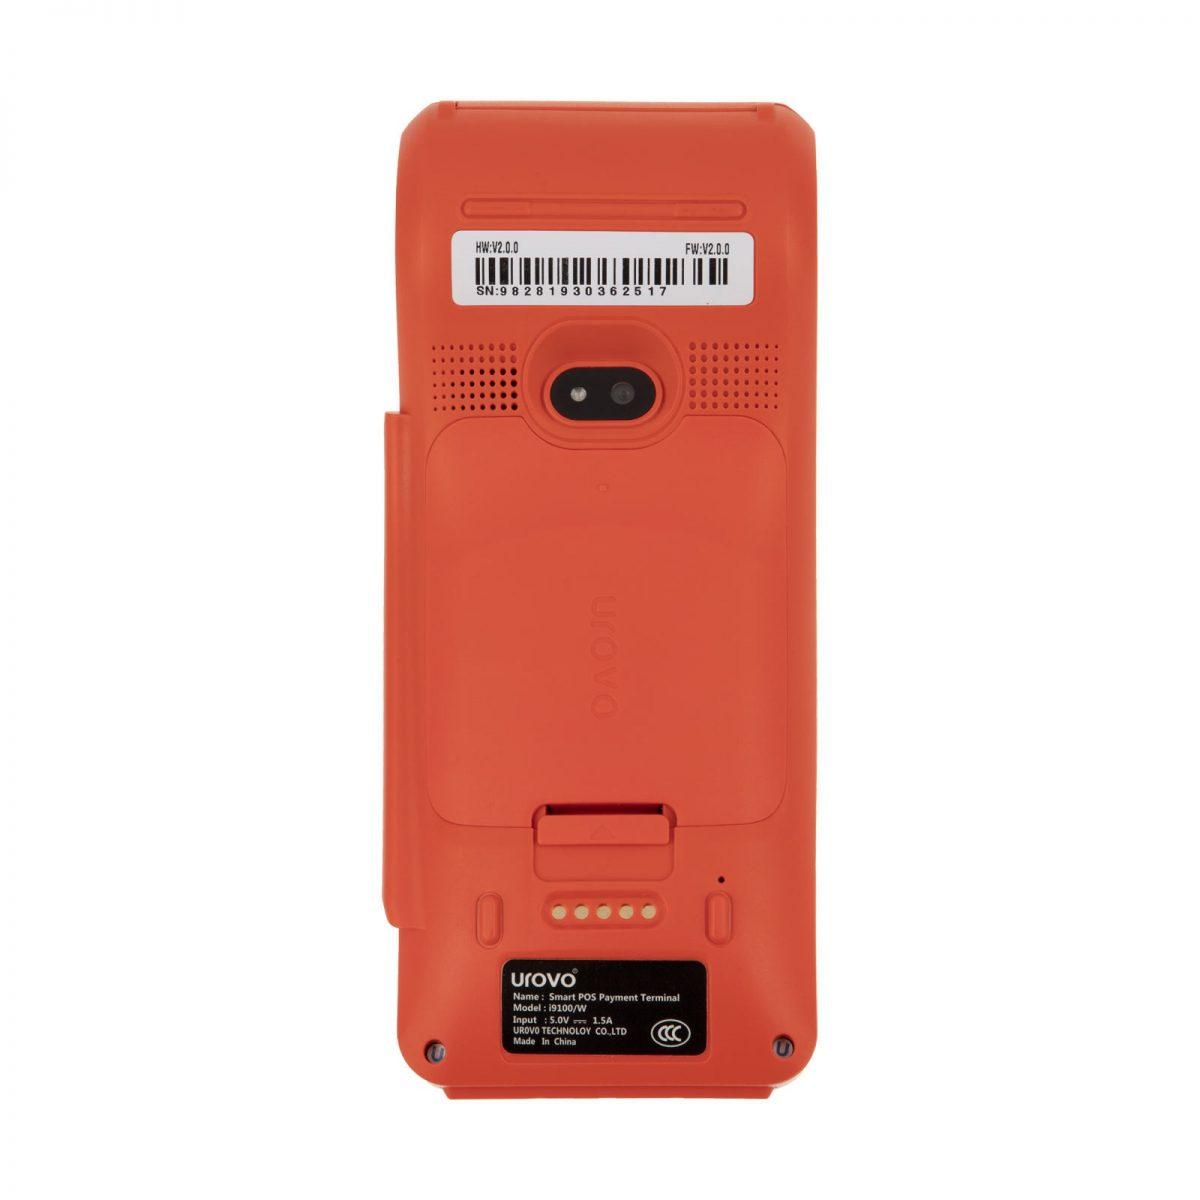 دستگاه پوز سیار یوروو مدل i9100